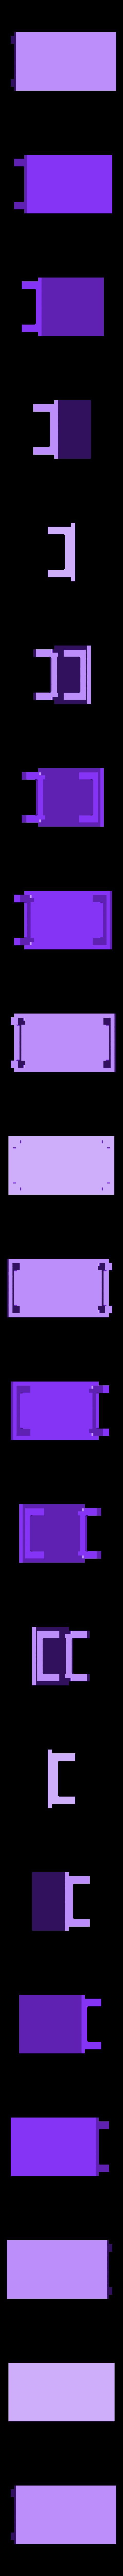 Assembly_House_2_-_Table.stl Télécharger fichier STL gratuit Petit maison en jouet • Design à imprimer en 3D, crprinting